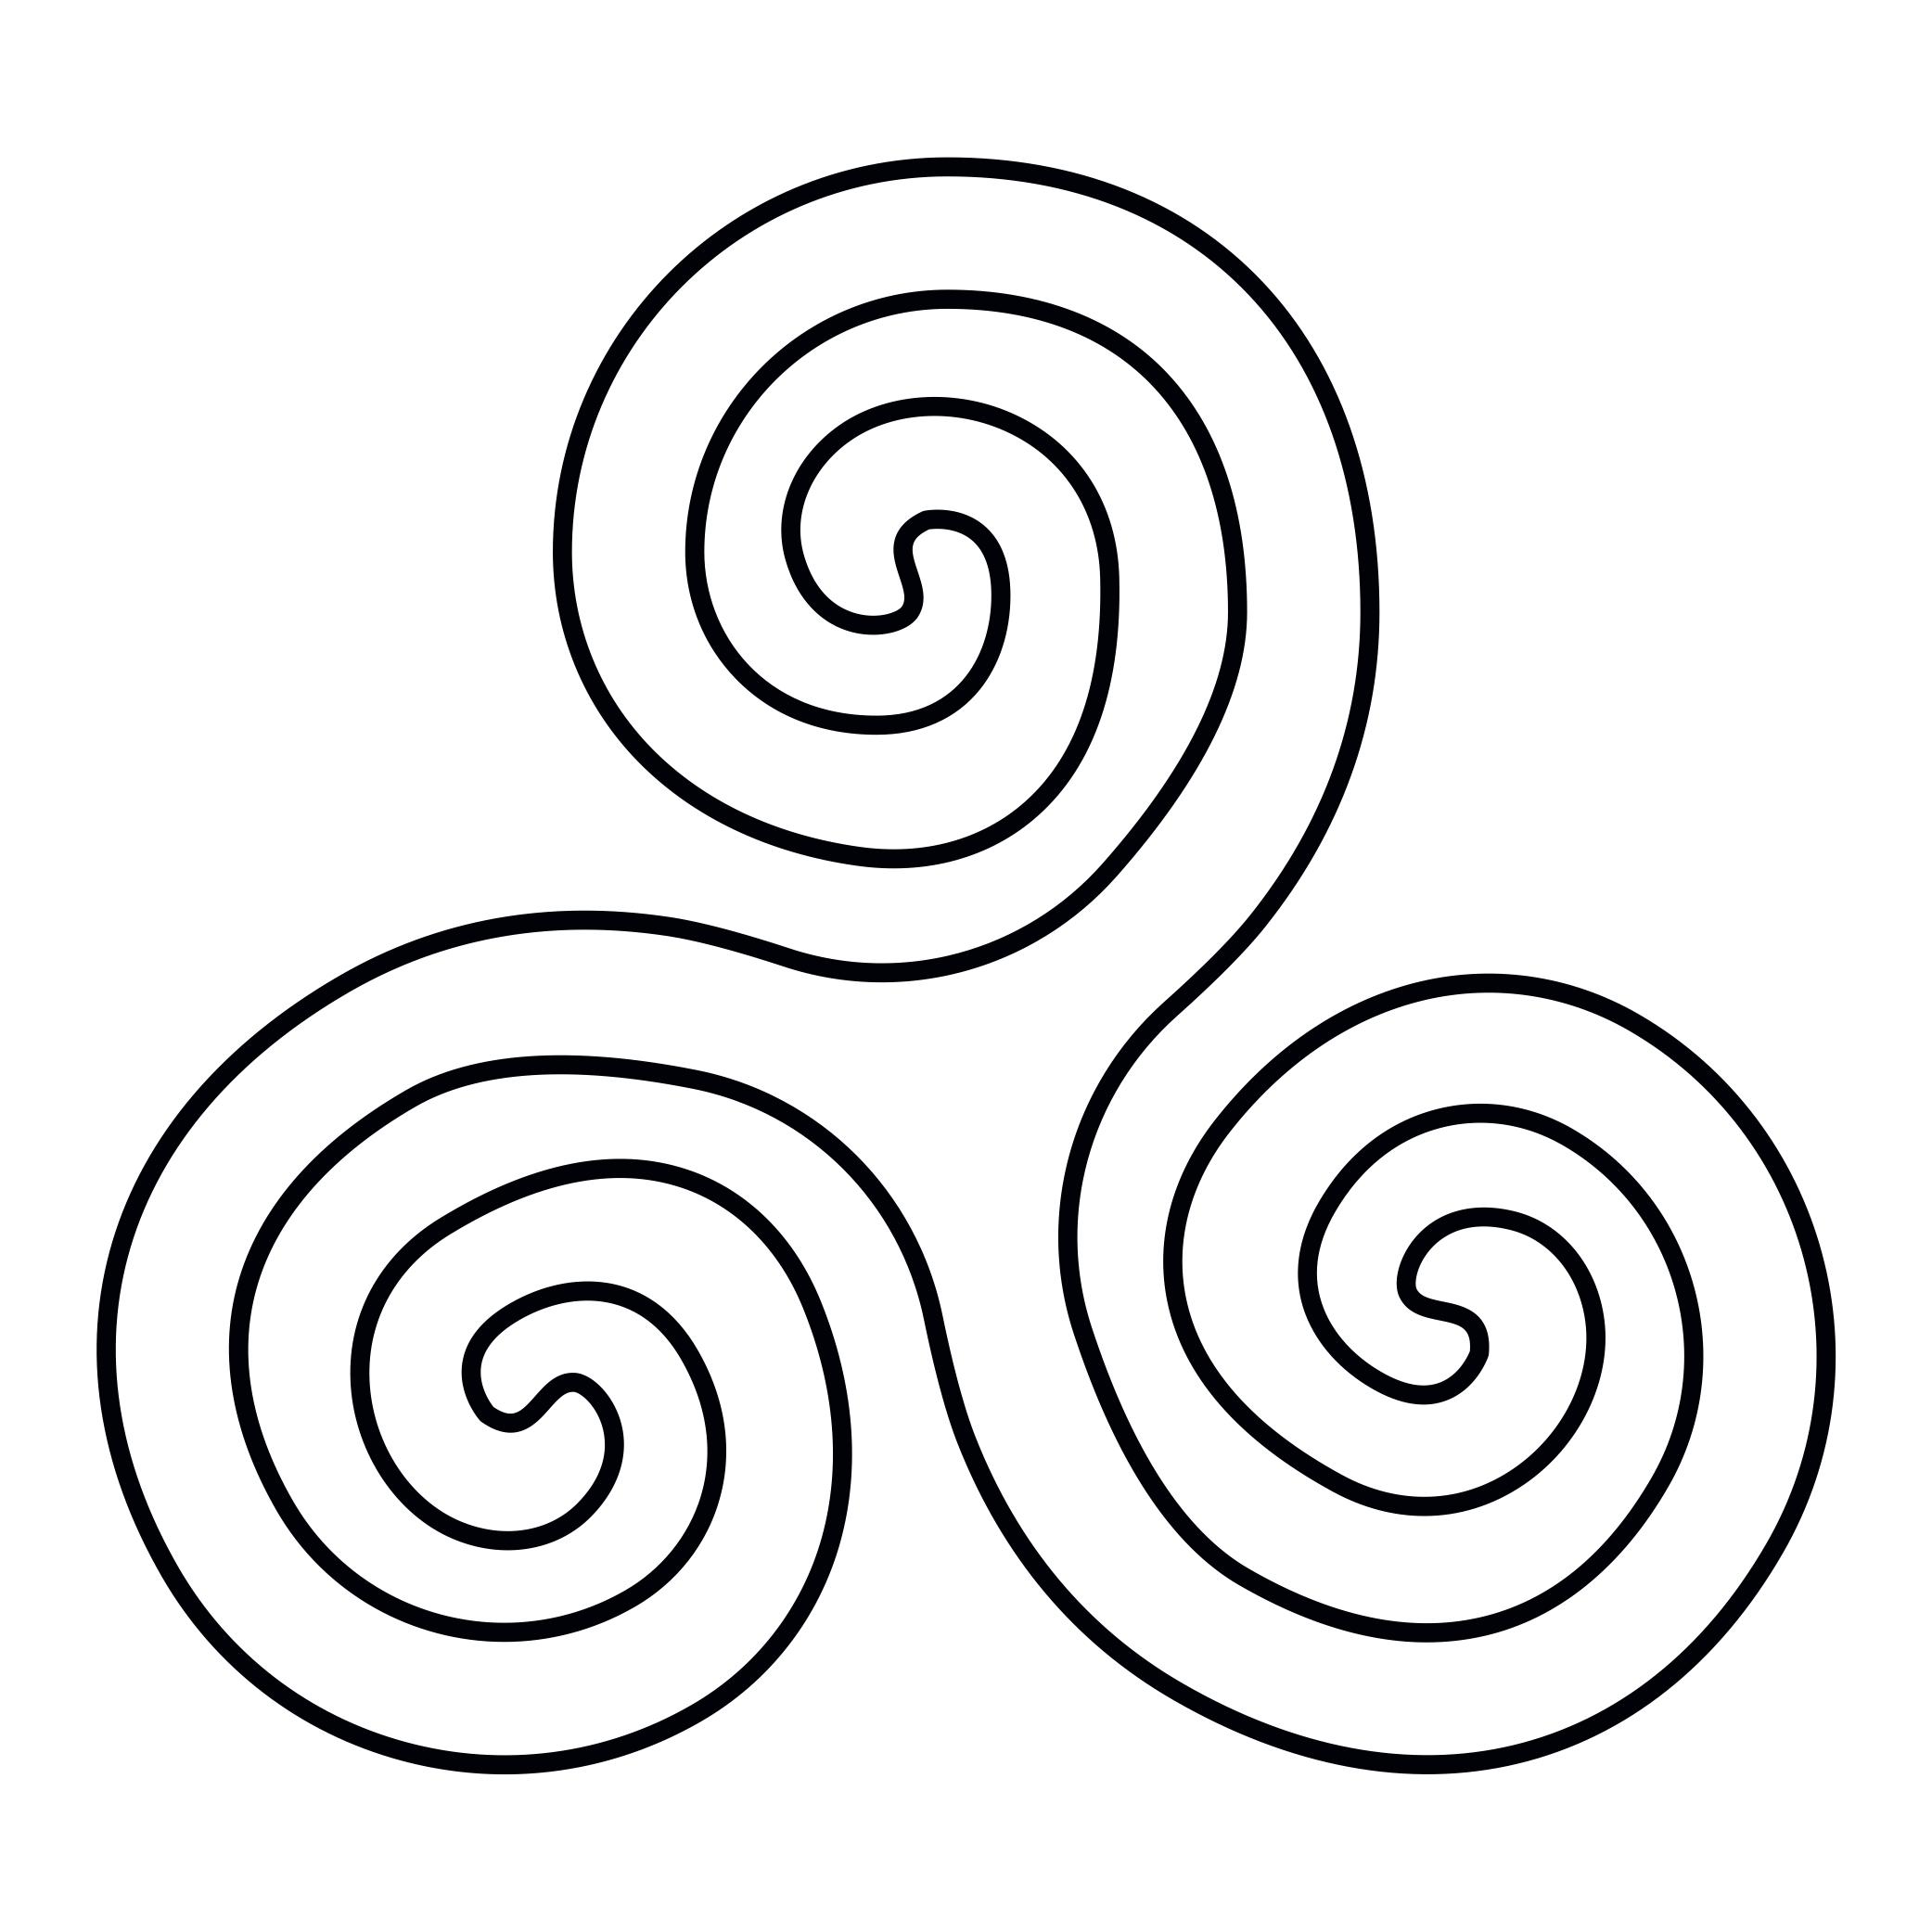 Triskele - symbol of natural rhythms